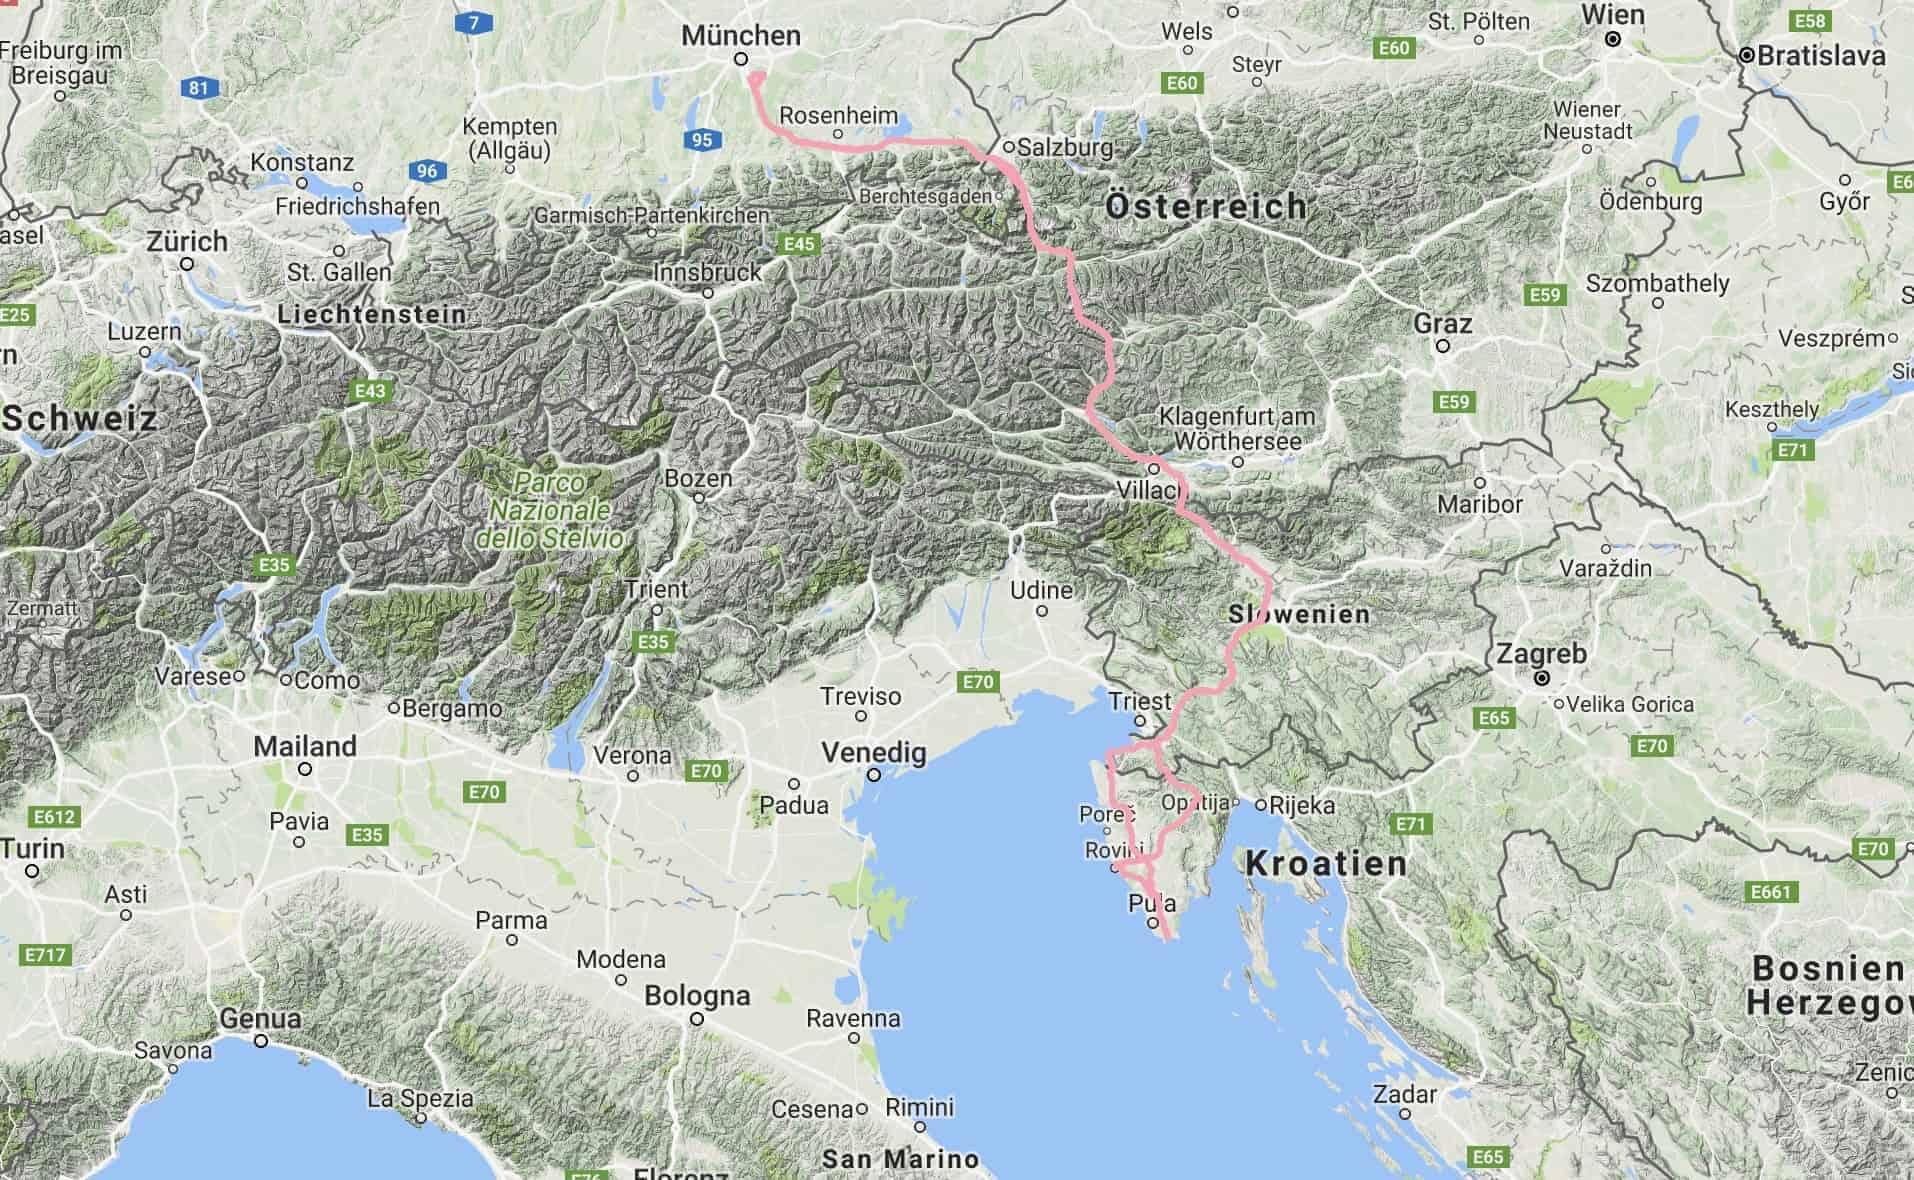 Kroatien_Istrien_GPS_23_09_30_09_2017